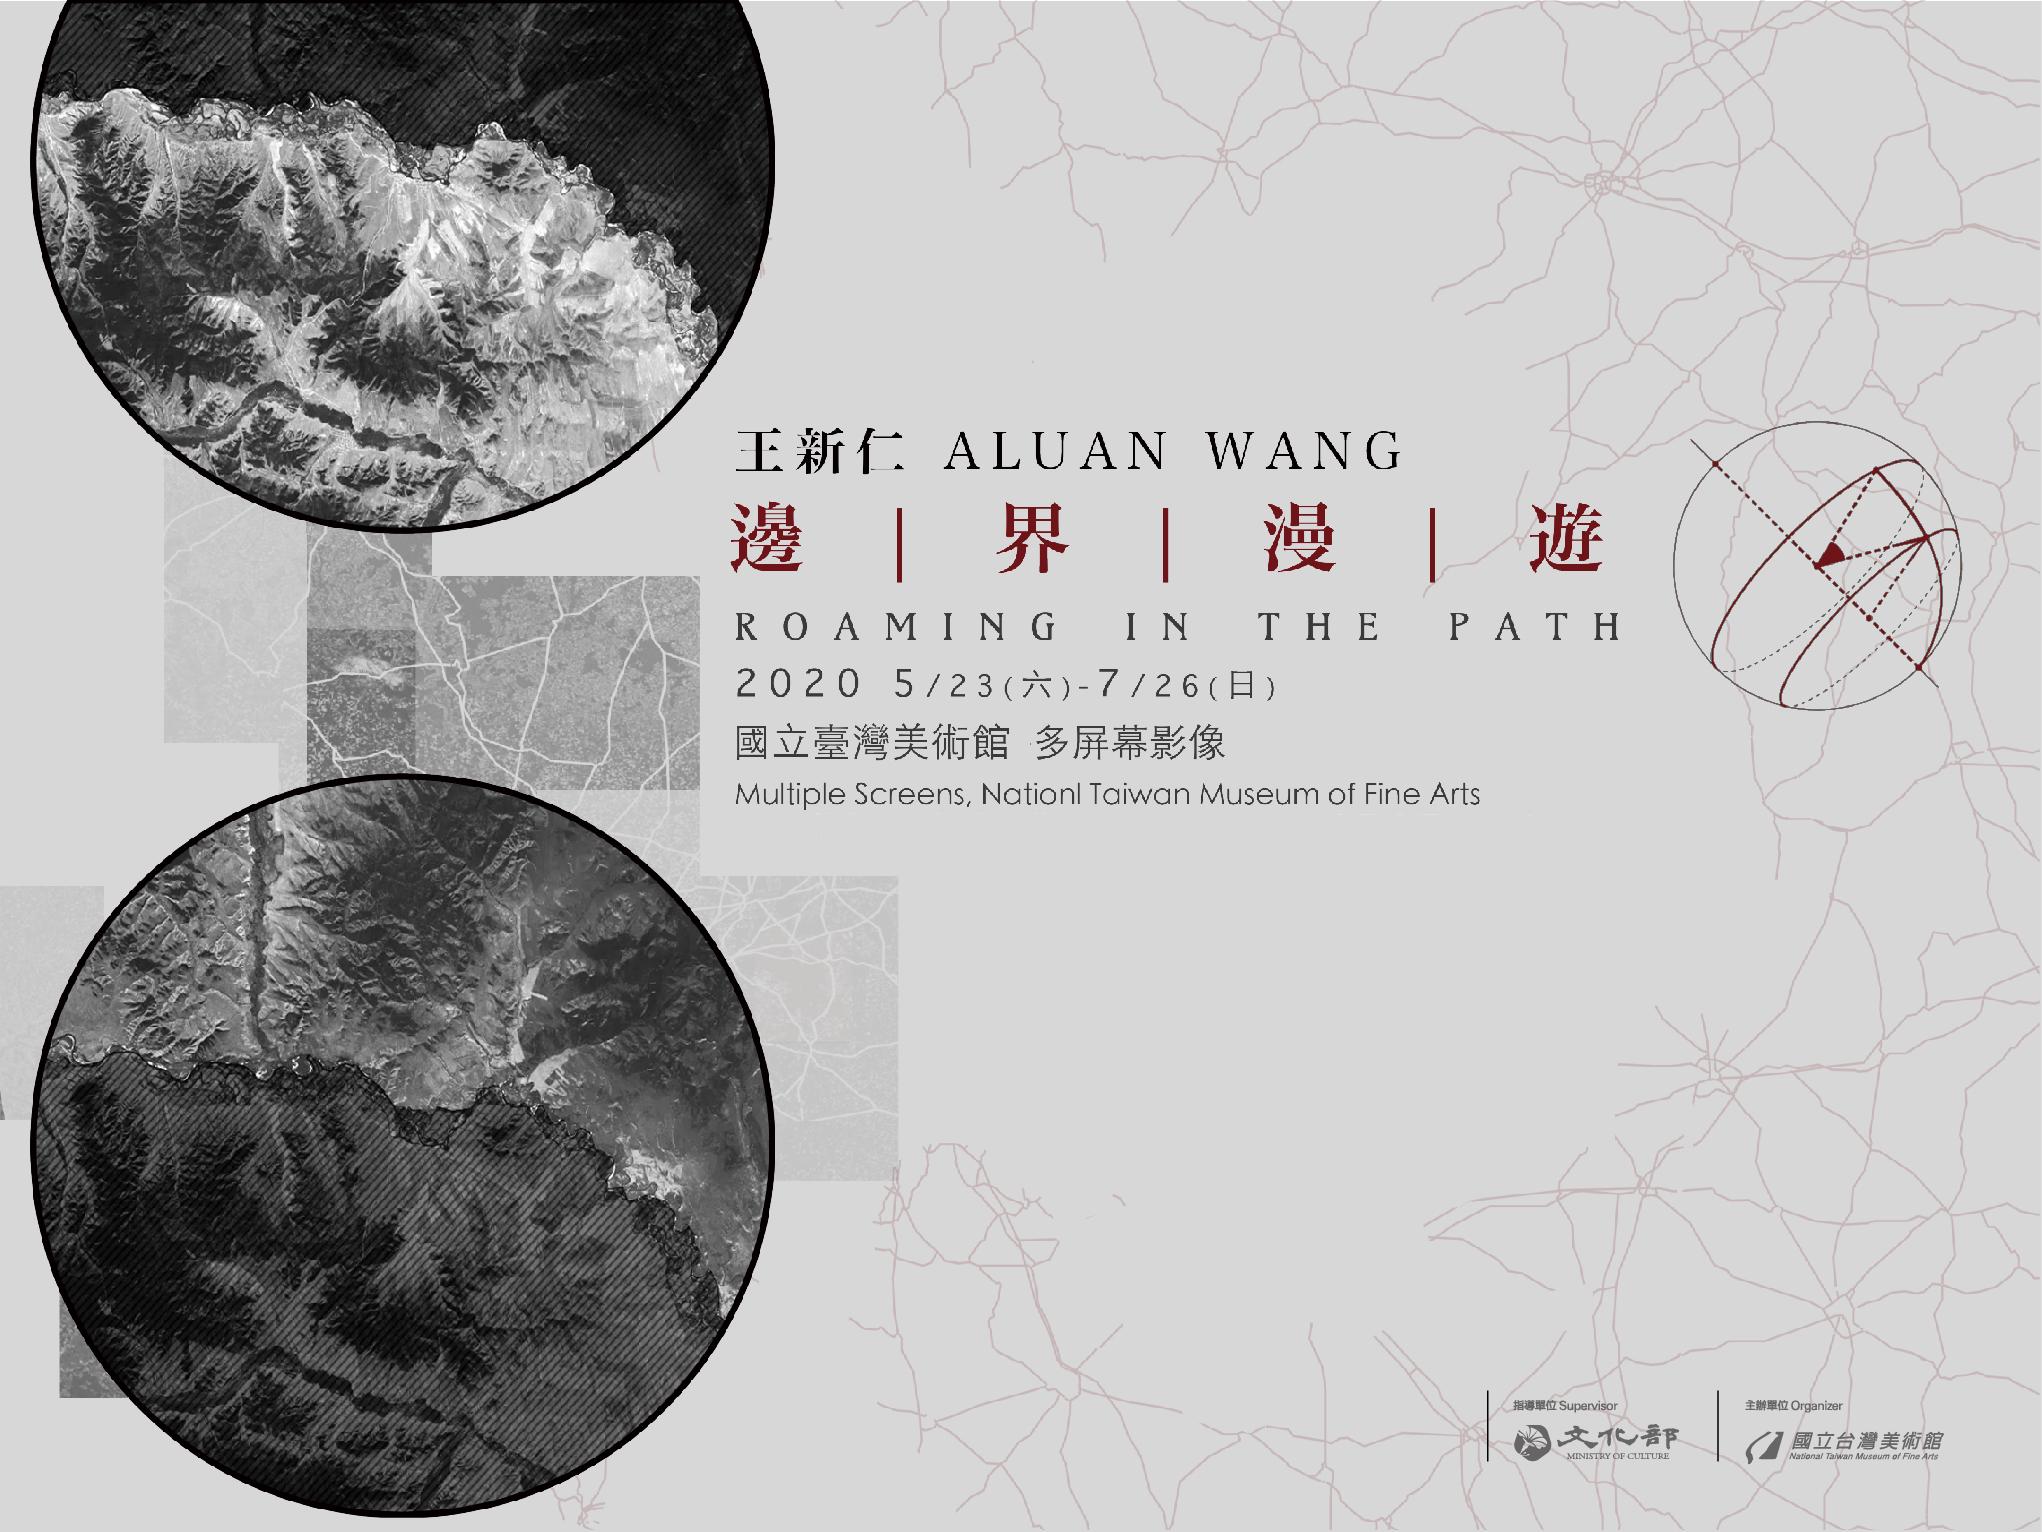 王新仁 : 邊界漫遊opennewwindow